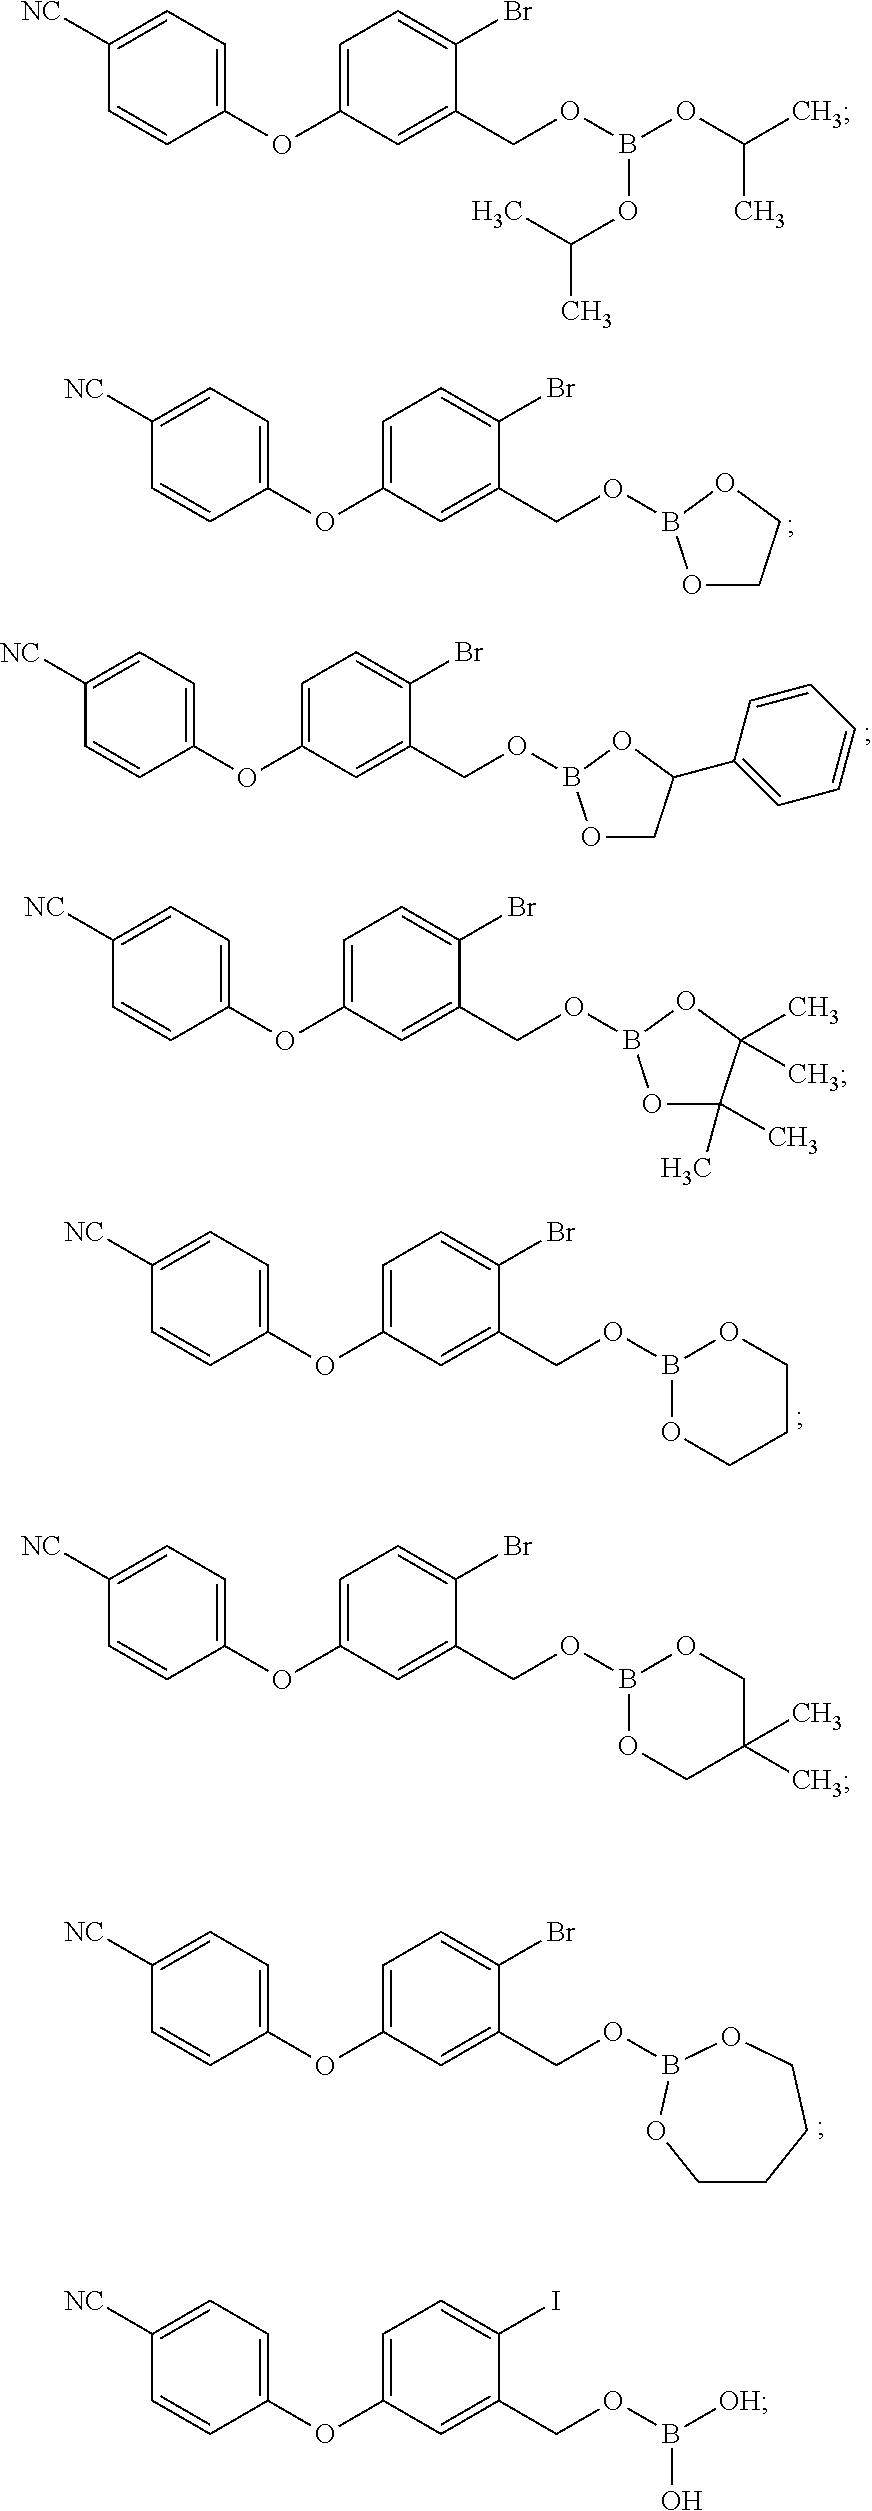 Figure US09566289-20170214-C00111